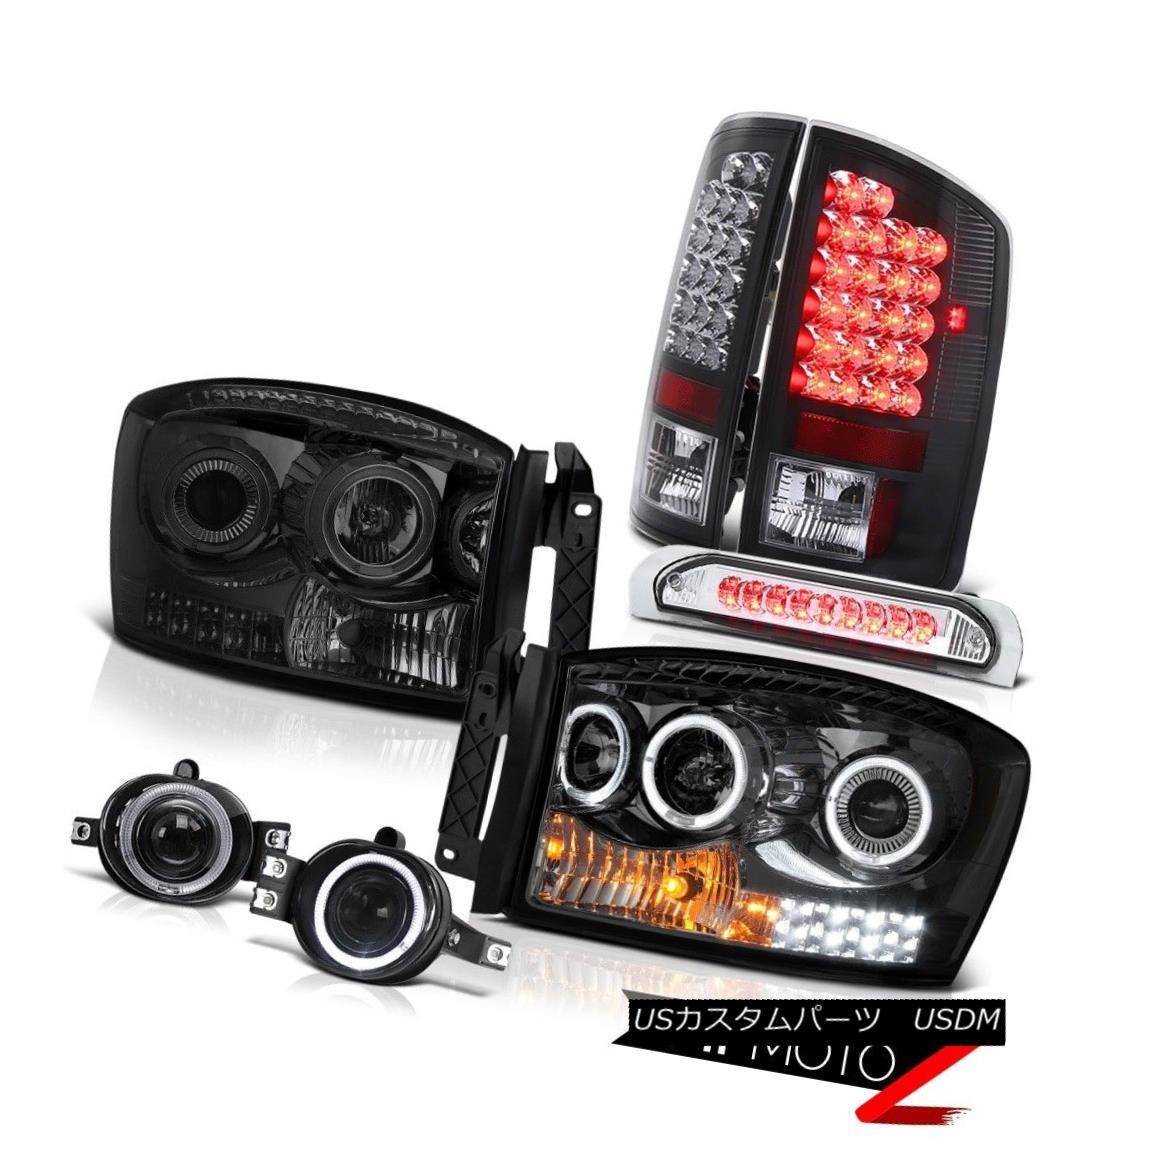 テールライト 07-08 Dodge Ram 1500 SLT Headlamps Foglights Third Brake Light Tail Lamps LED 07-08ダッジラム1500 SLTヘッドランプフォグライト第3ブレーキライトテールランプLED